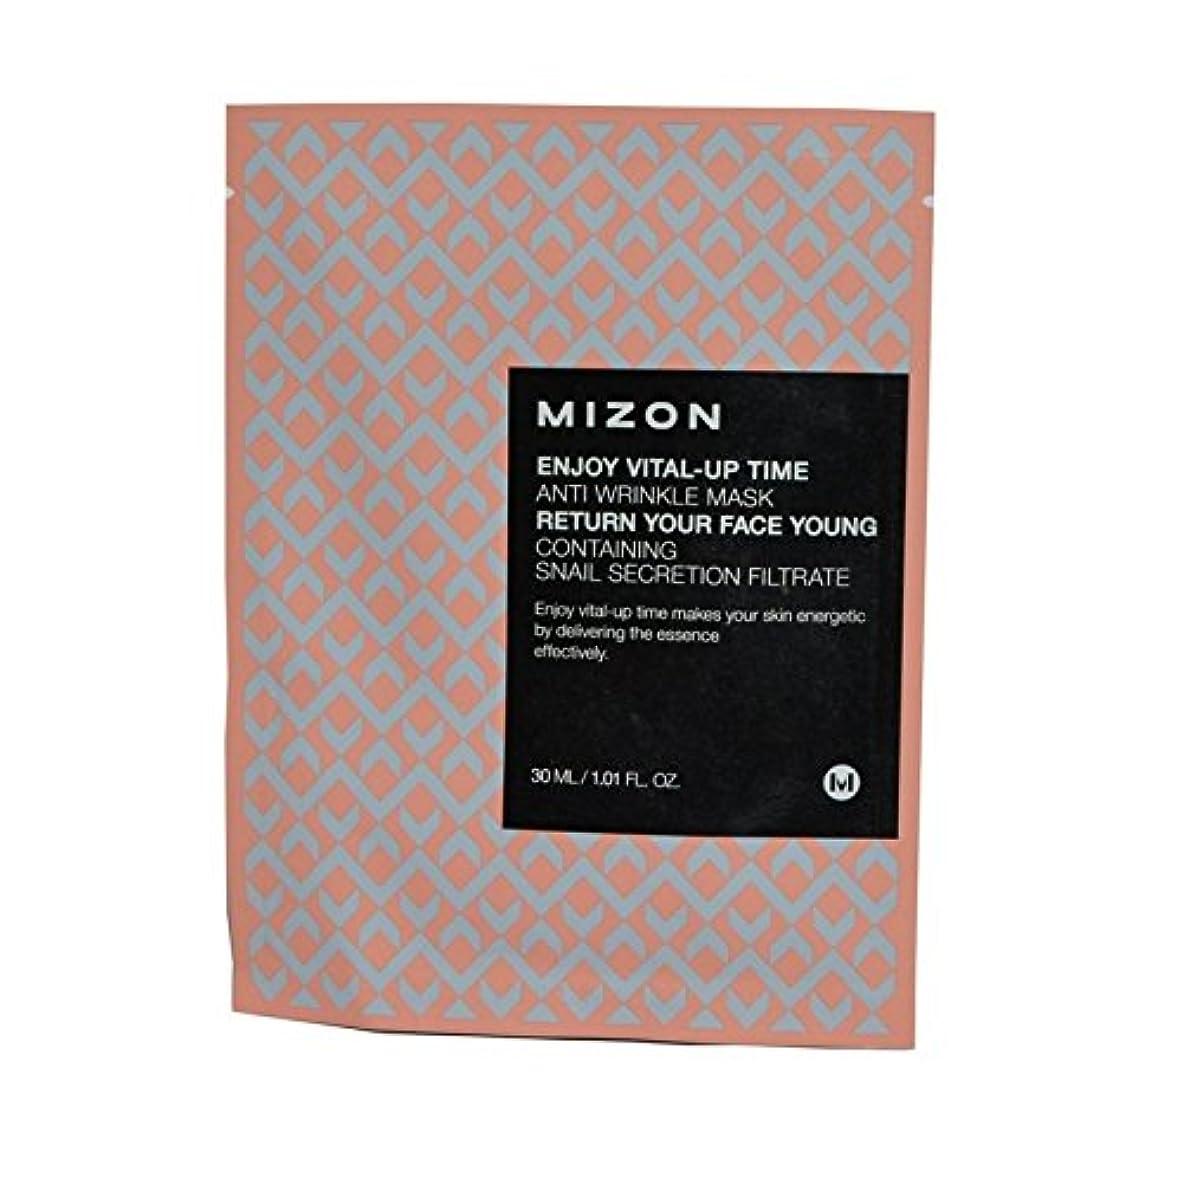 女優妨げる不調和が不可欠アップ時間抗しわマスクを楽しみます x2 - Mizon Enjoy Vital Up Time Anti-Wrinkle Mask (Pack of 2) [並行輸入品]